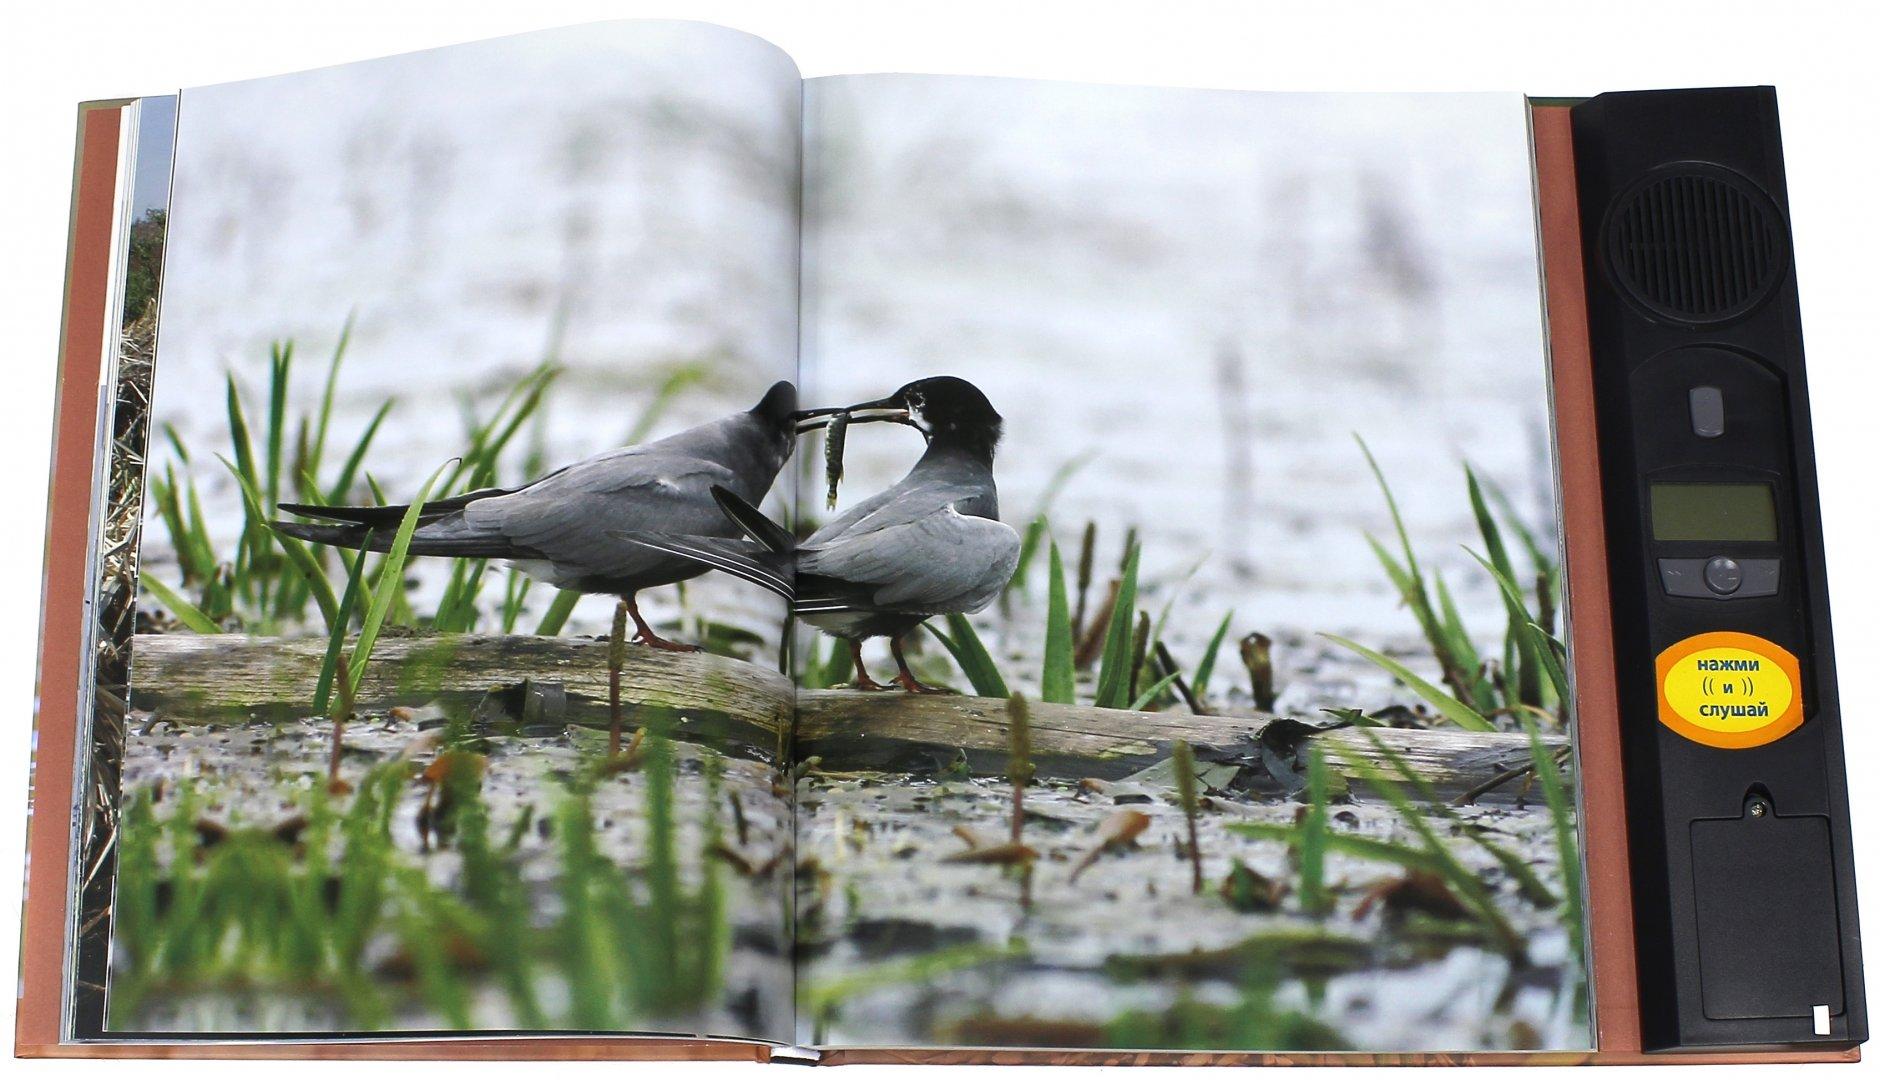 Иллюстрация 1 из 33 для Птицы. Водоплавающие и околоводные. Звуковая энциклопедия (поганка) - Ксения Митителло   Лабиринт - книги. Источник: Лабиринт